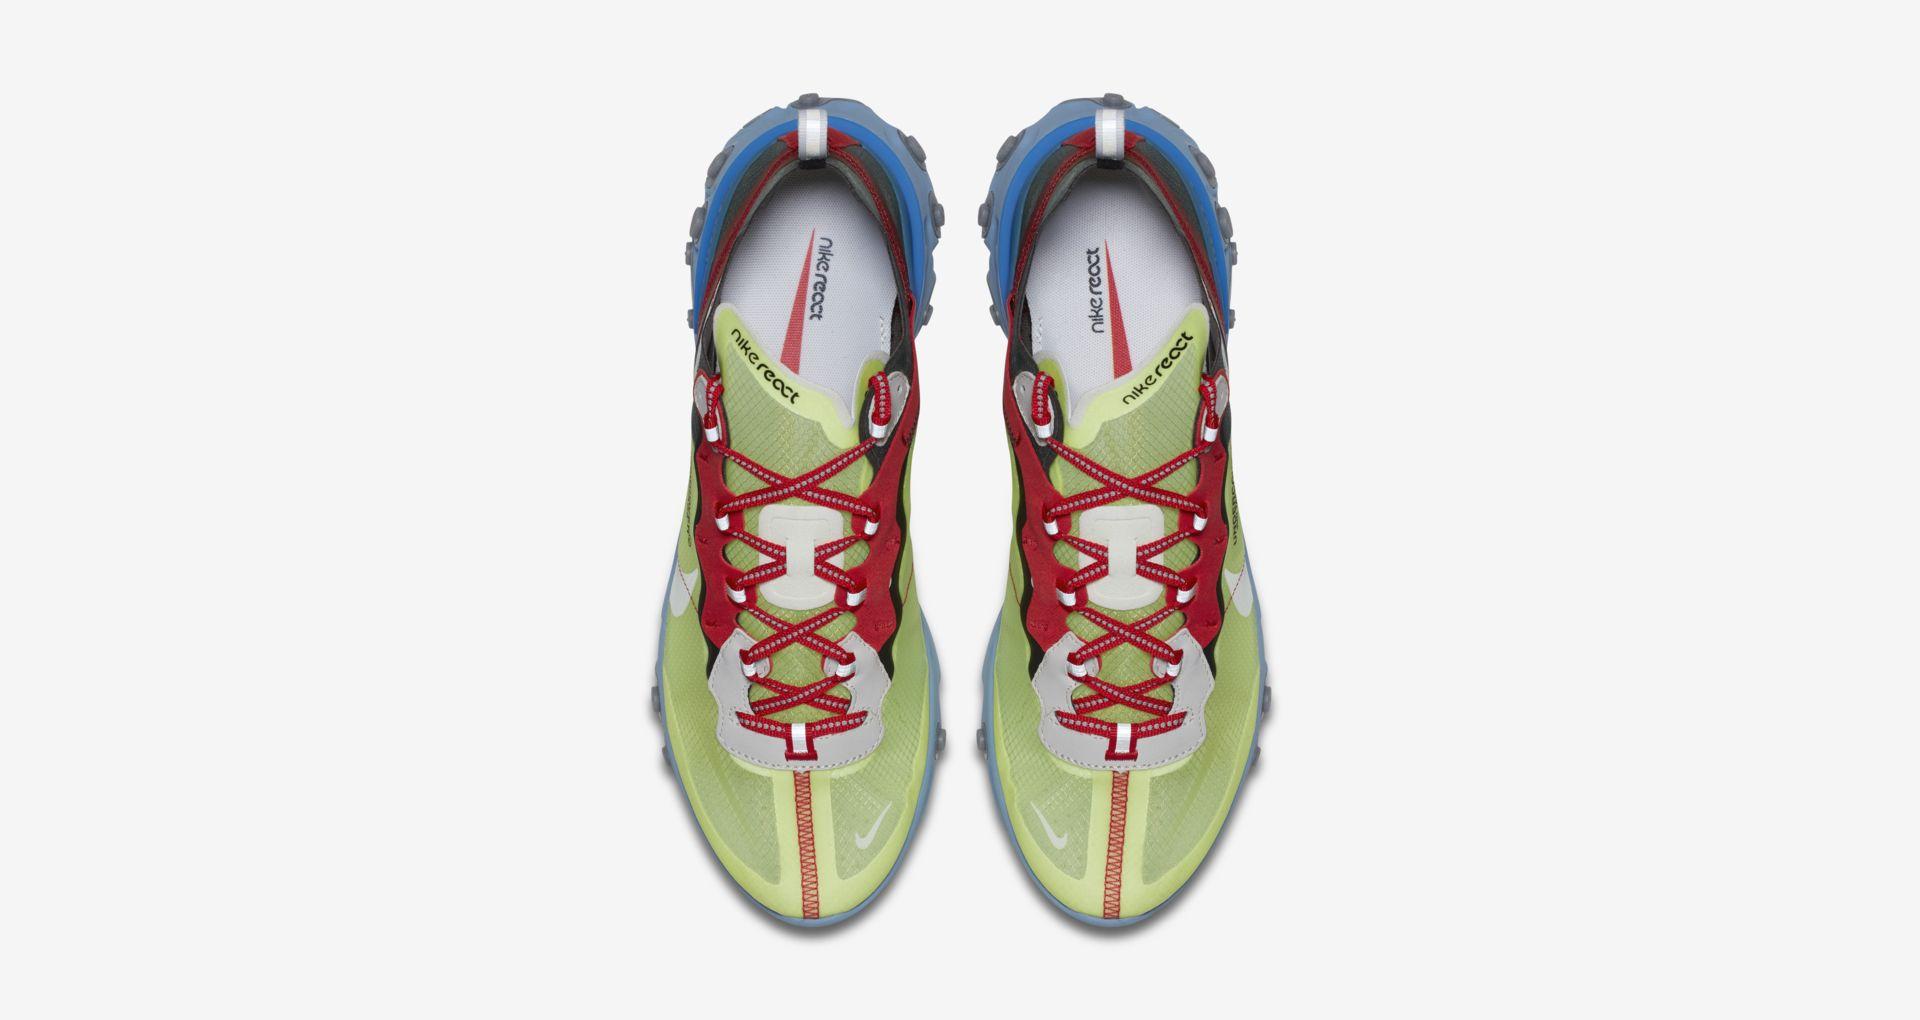 BQ2718 700 Undercover x Nike React Element 87 Volt 5